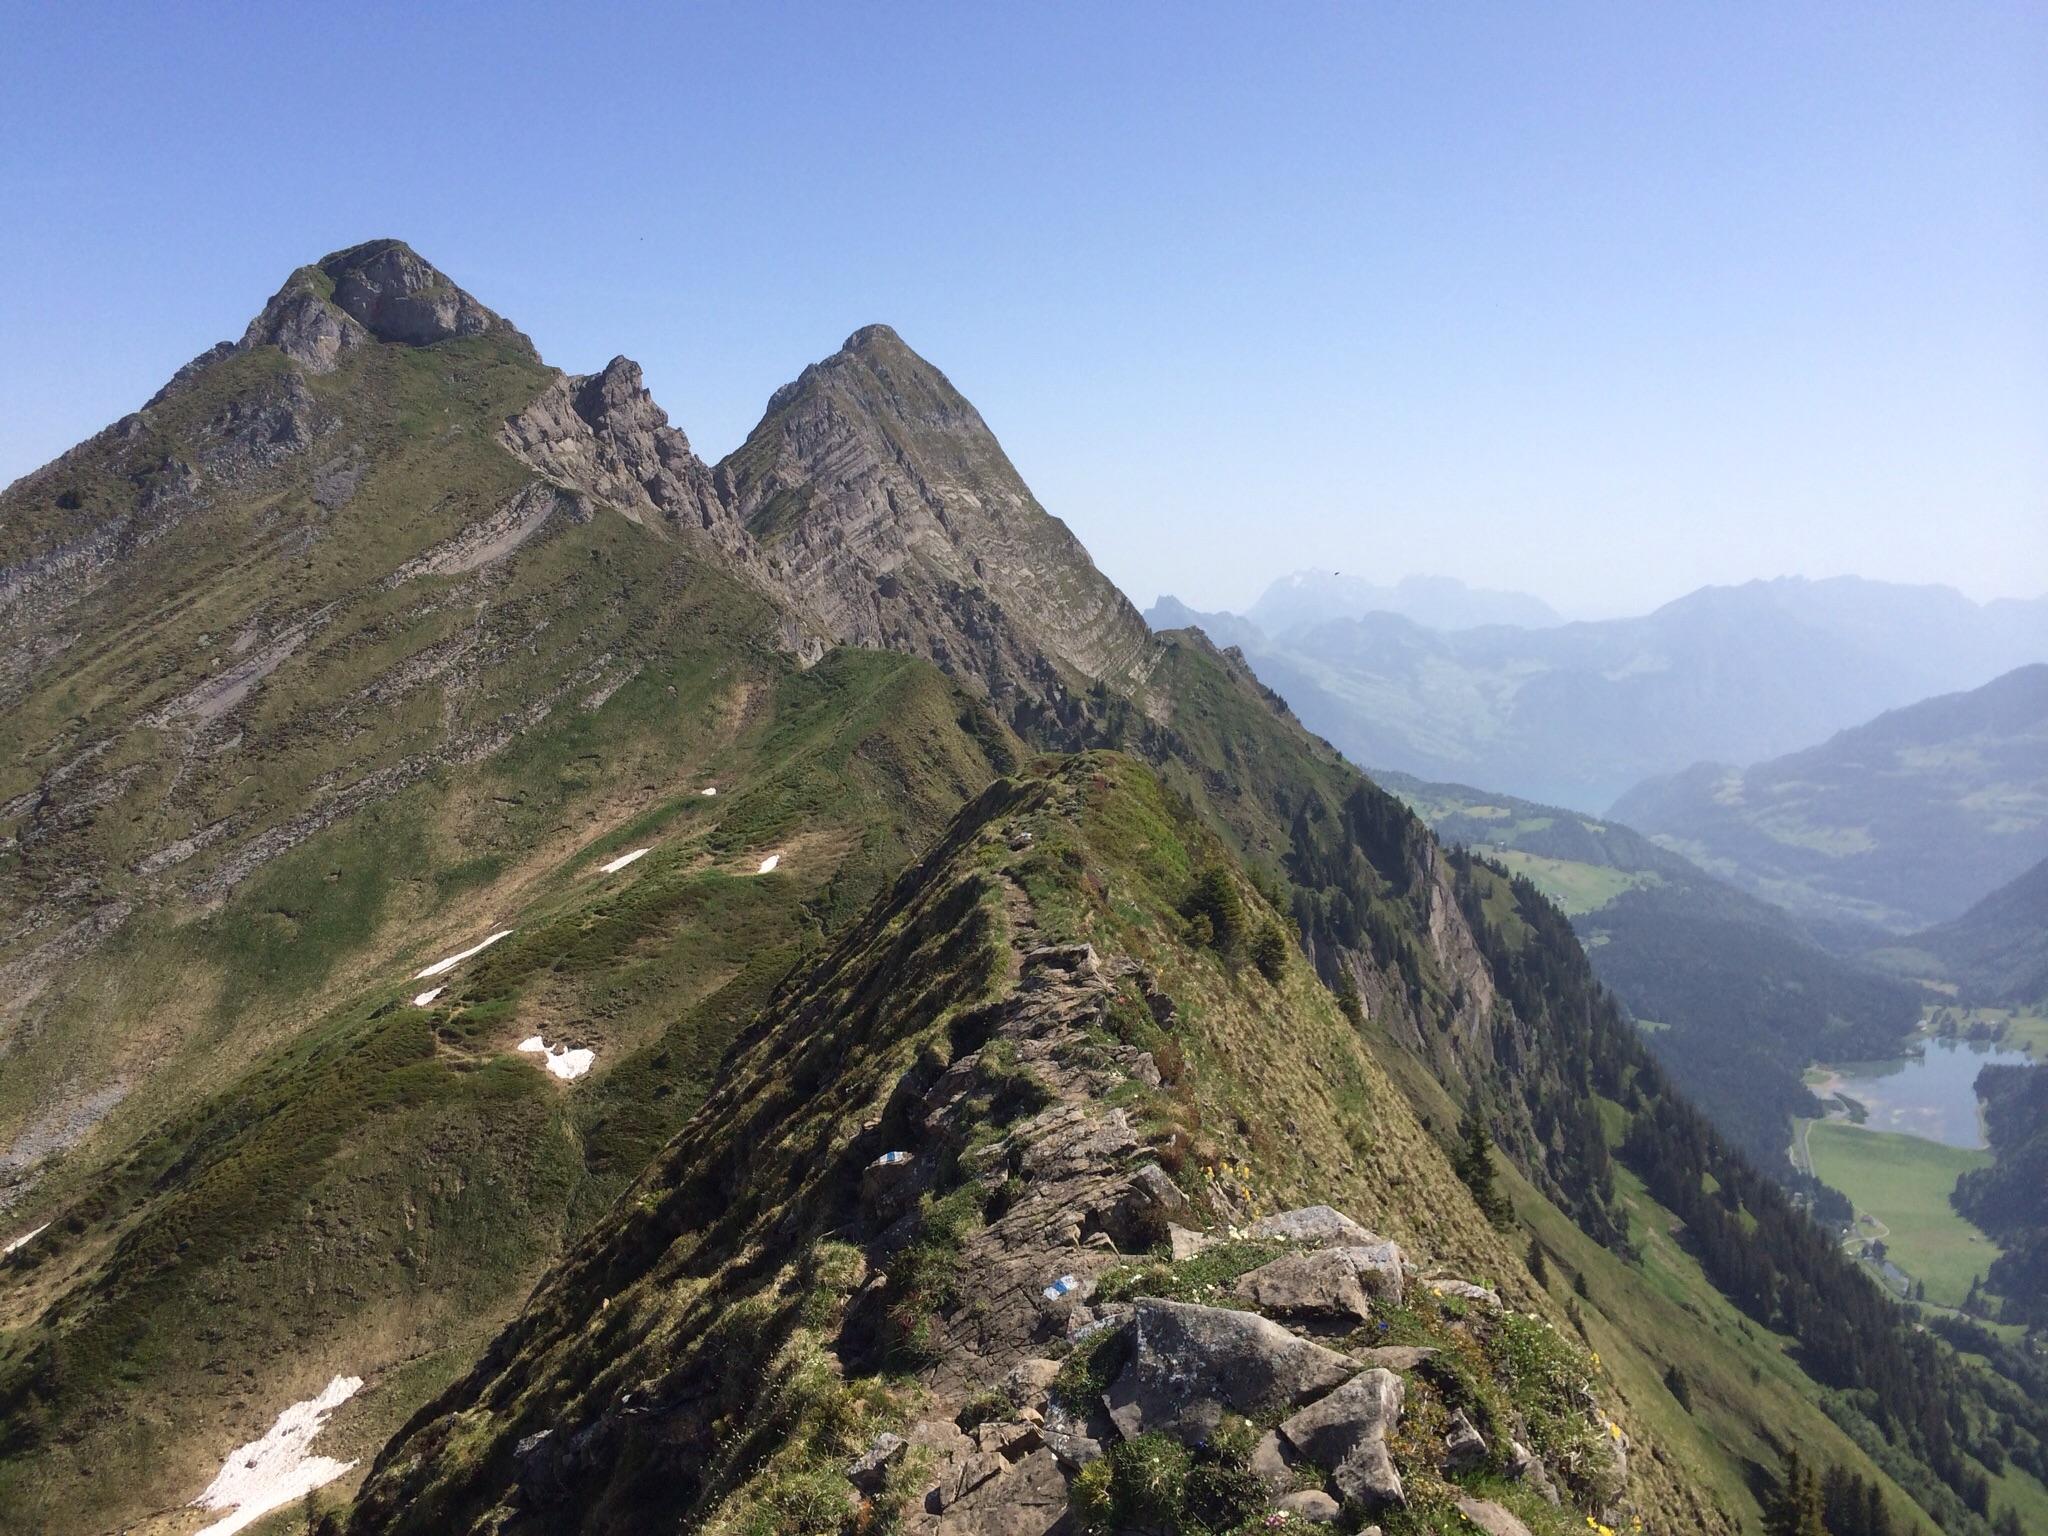 Auf dem Gratweg zum Rossalpelispitz und Brünnelistock, rechts unten der Obersee